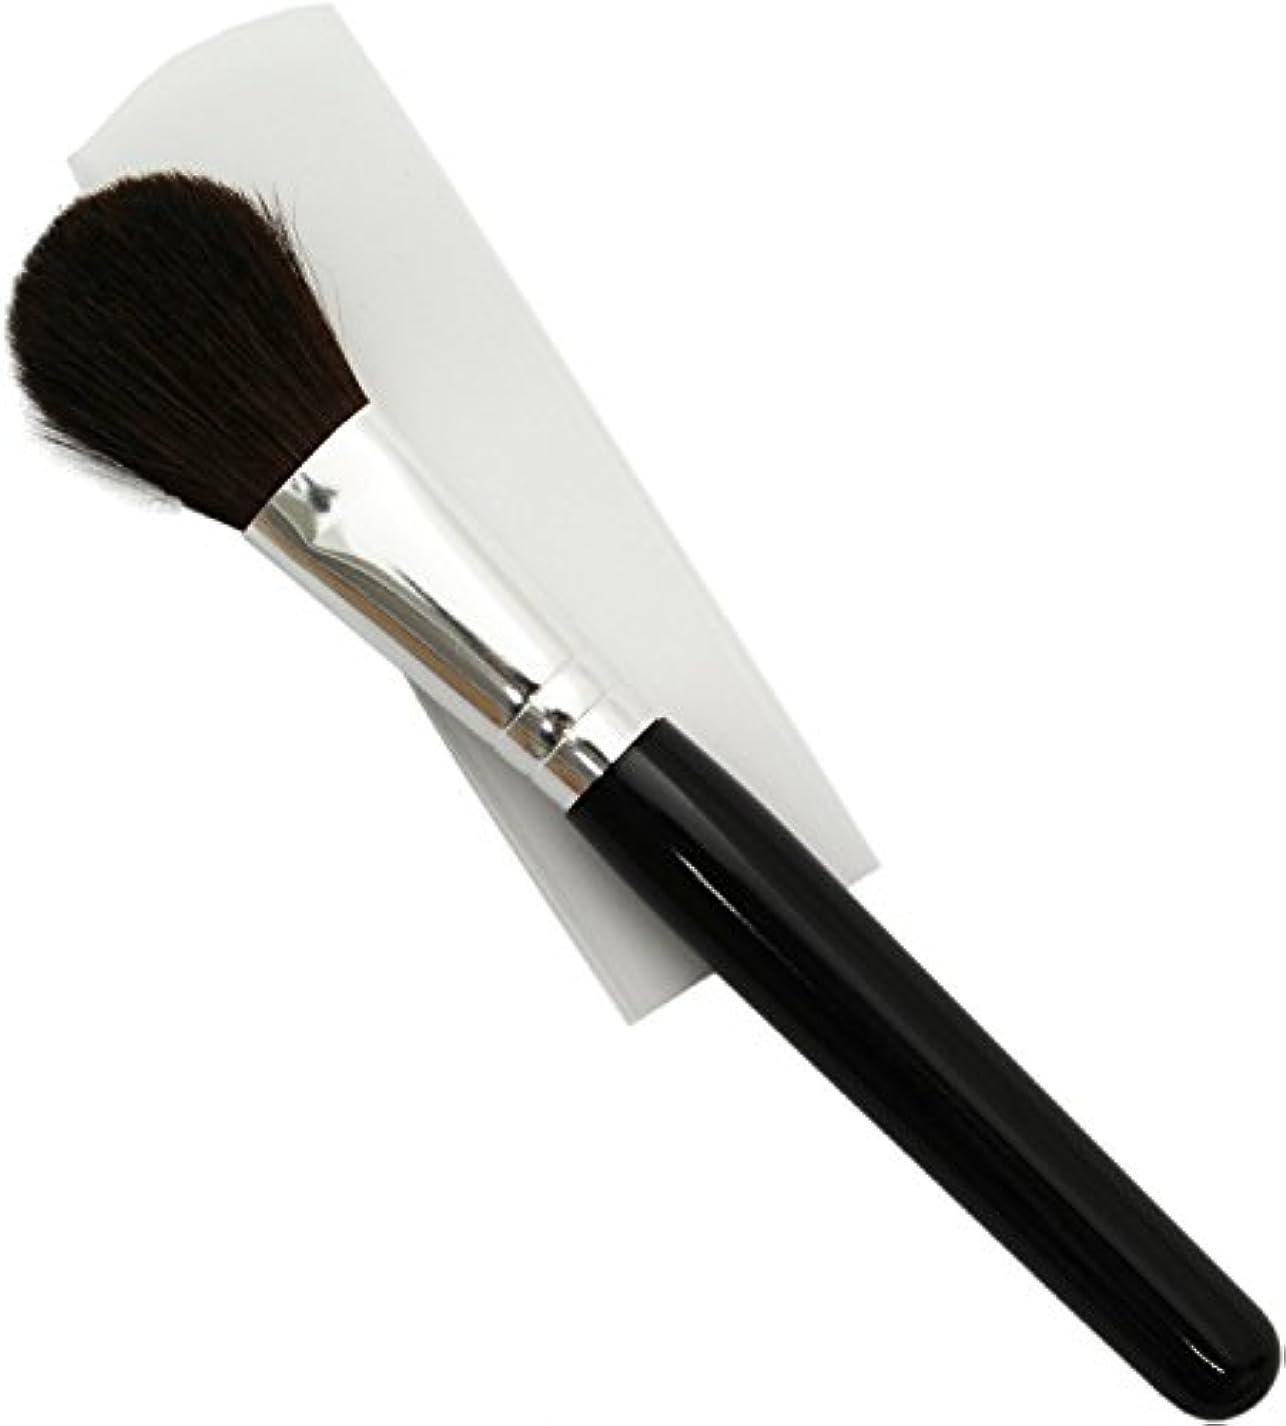 見習い所得まだら熊野筆 メイクブラシ KUシリーズ チークブラシ 小 馬毛